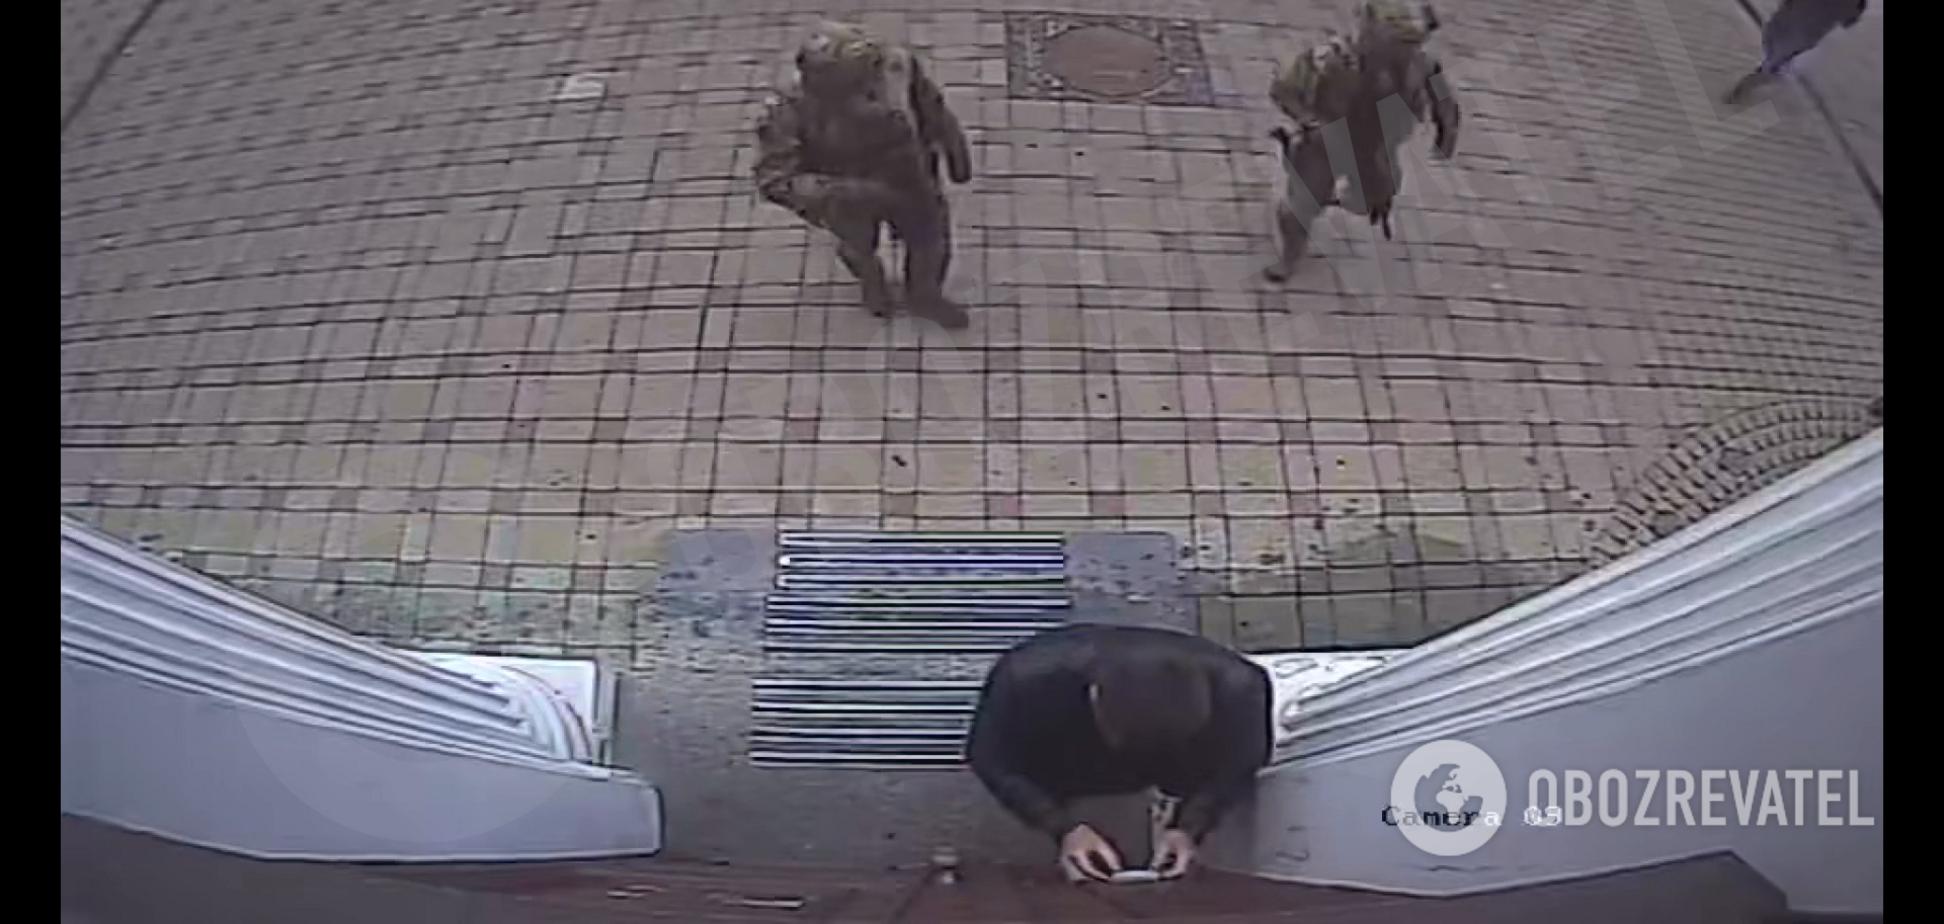 Відео з камер спостереження в будинку Кличка